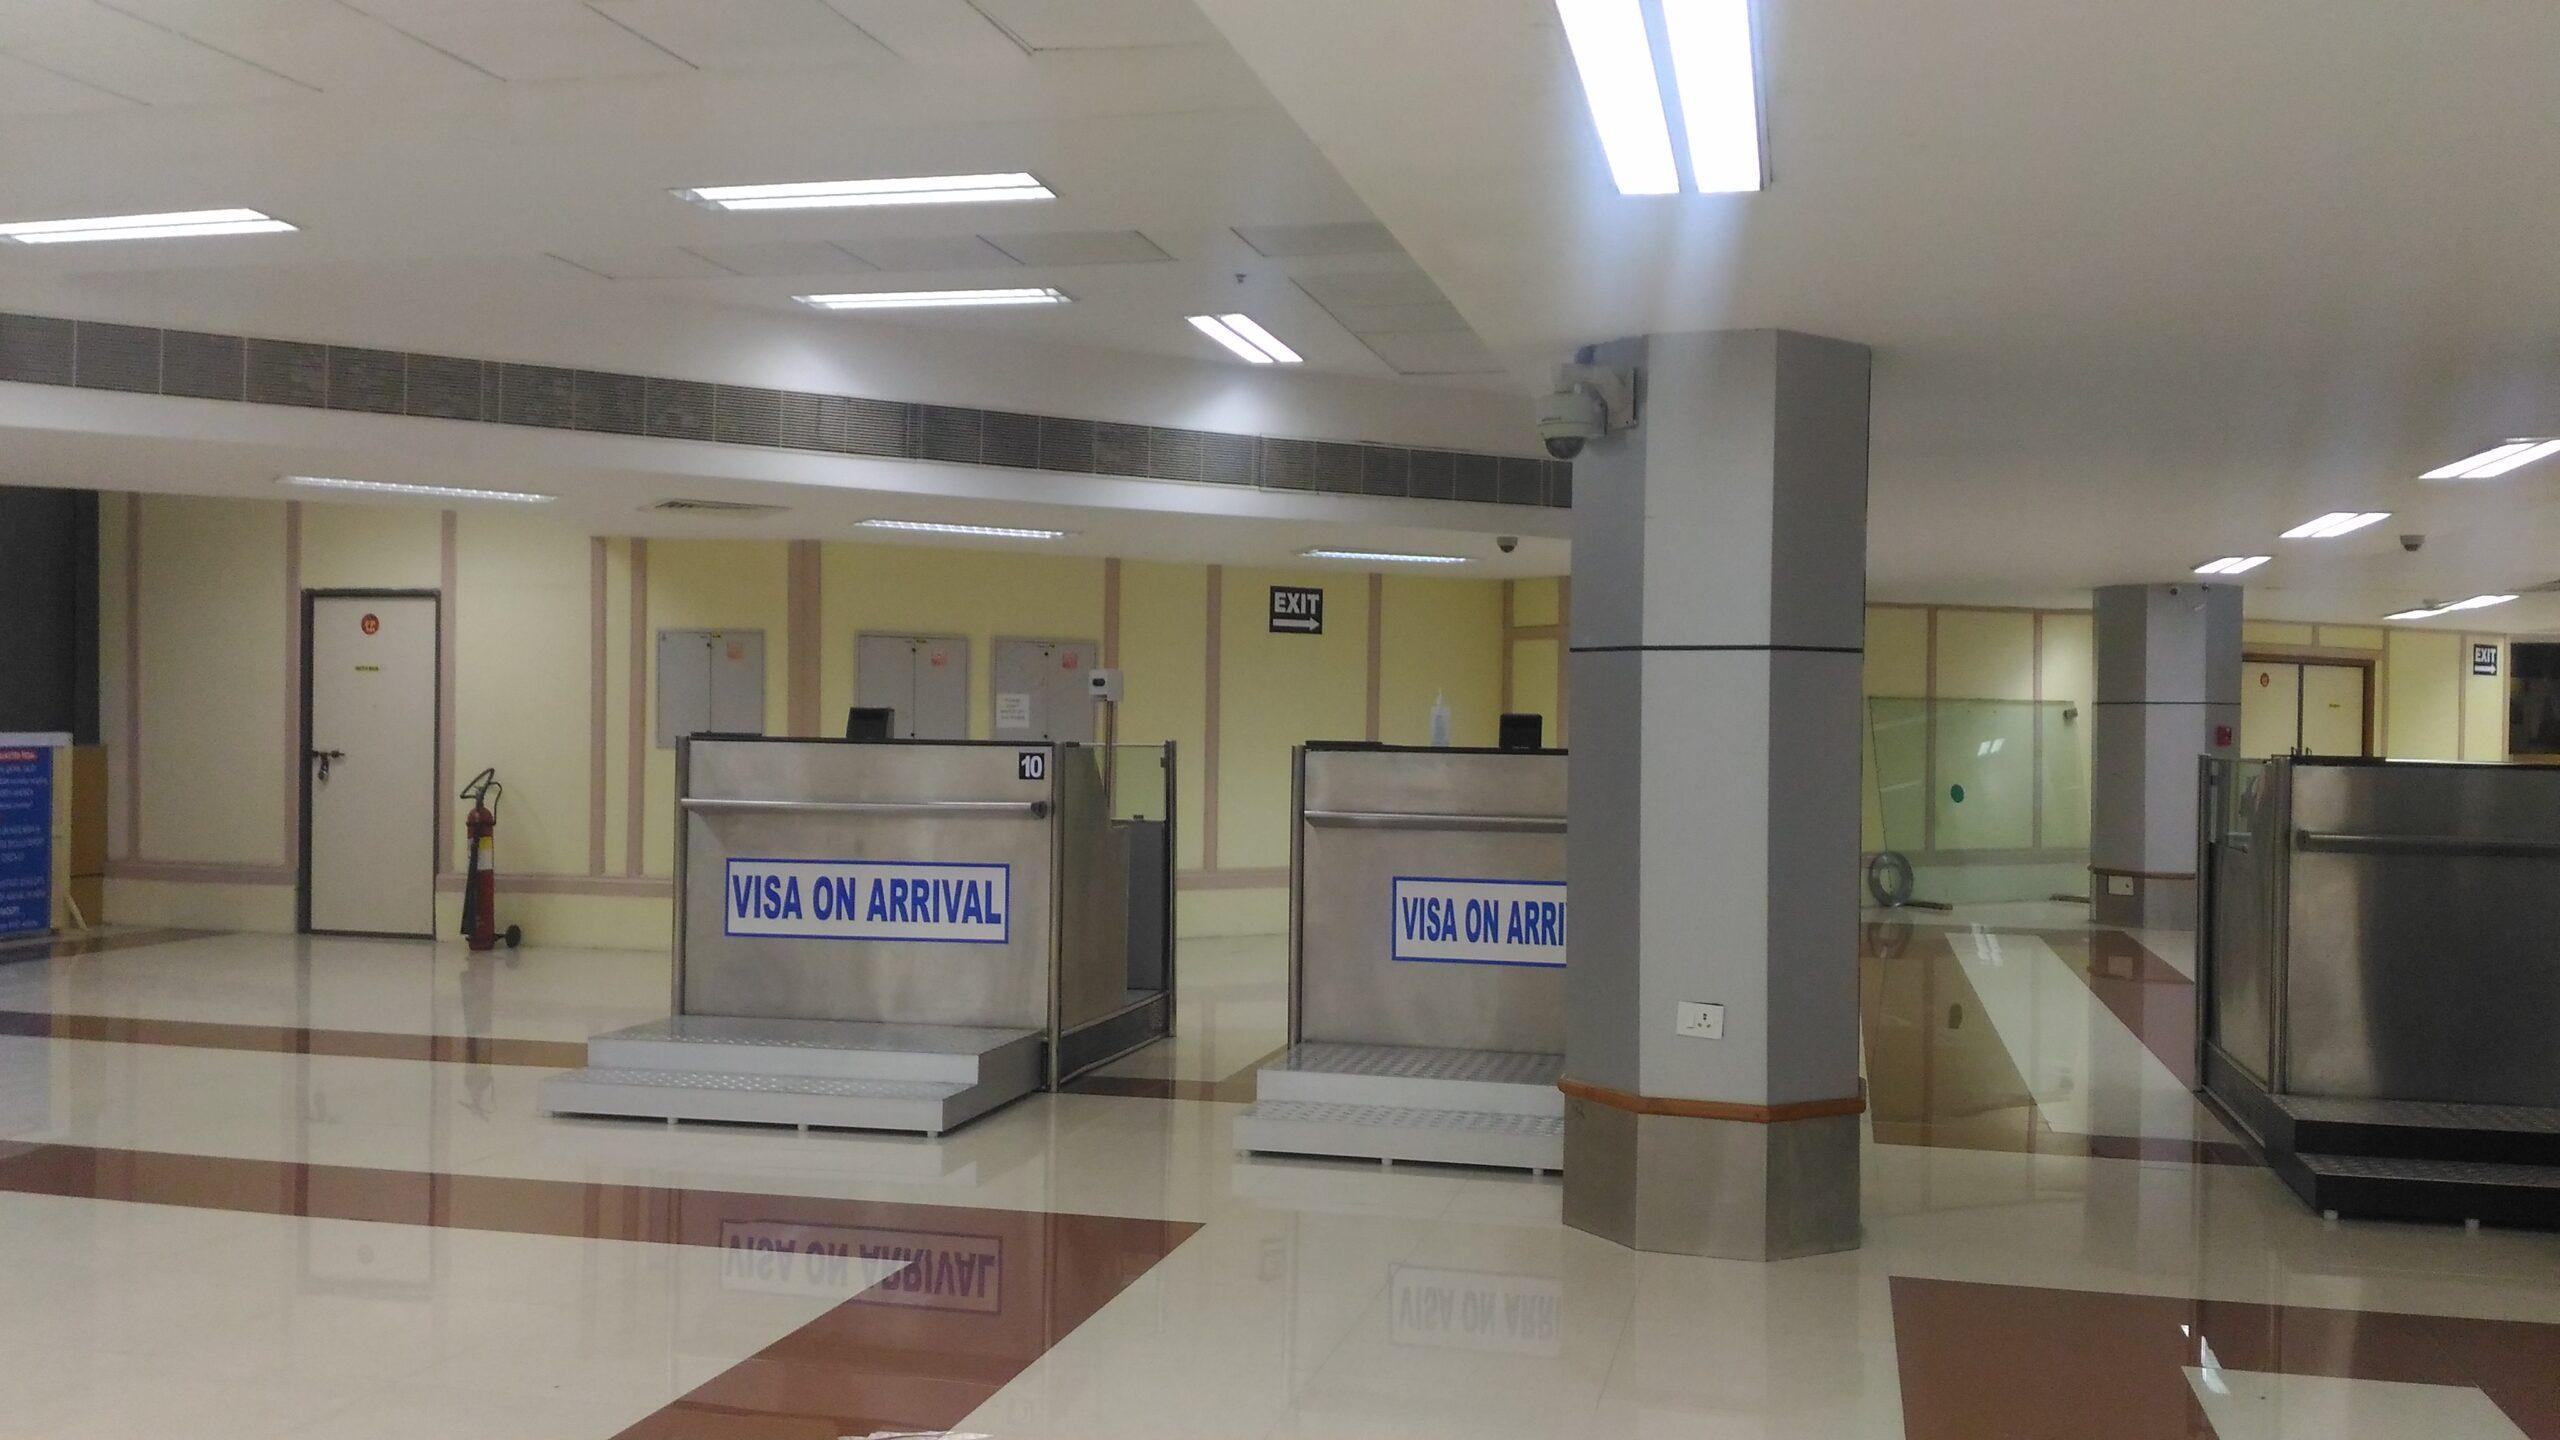 2016年7月インドの空港でアライバルビザ取得|インド入国チェンナイ空港編 (1)